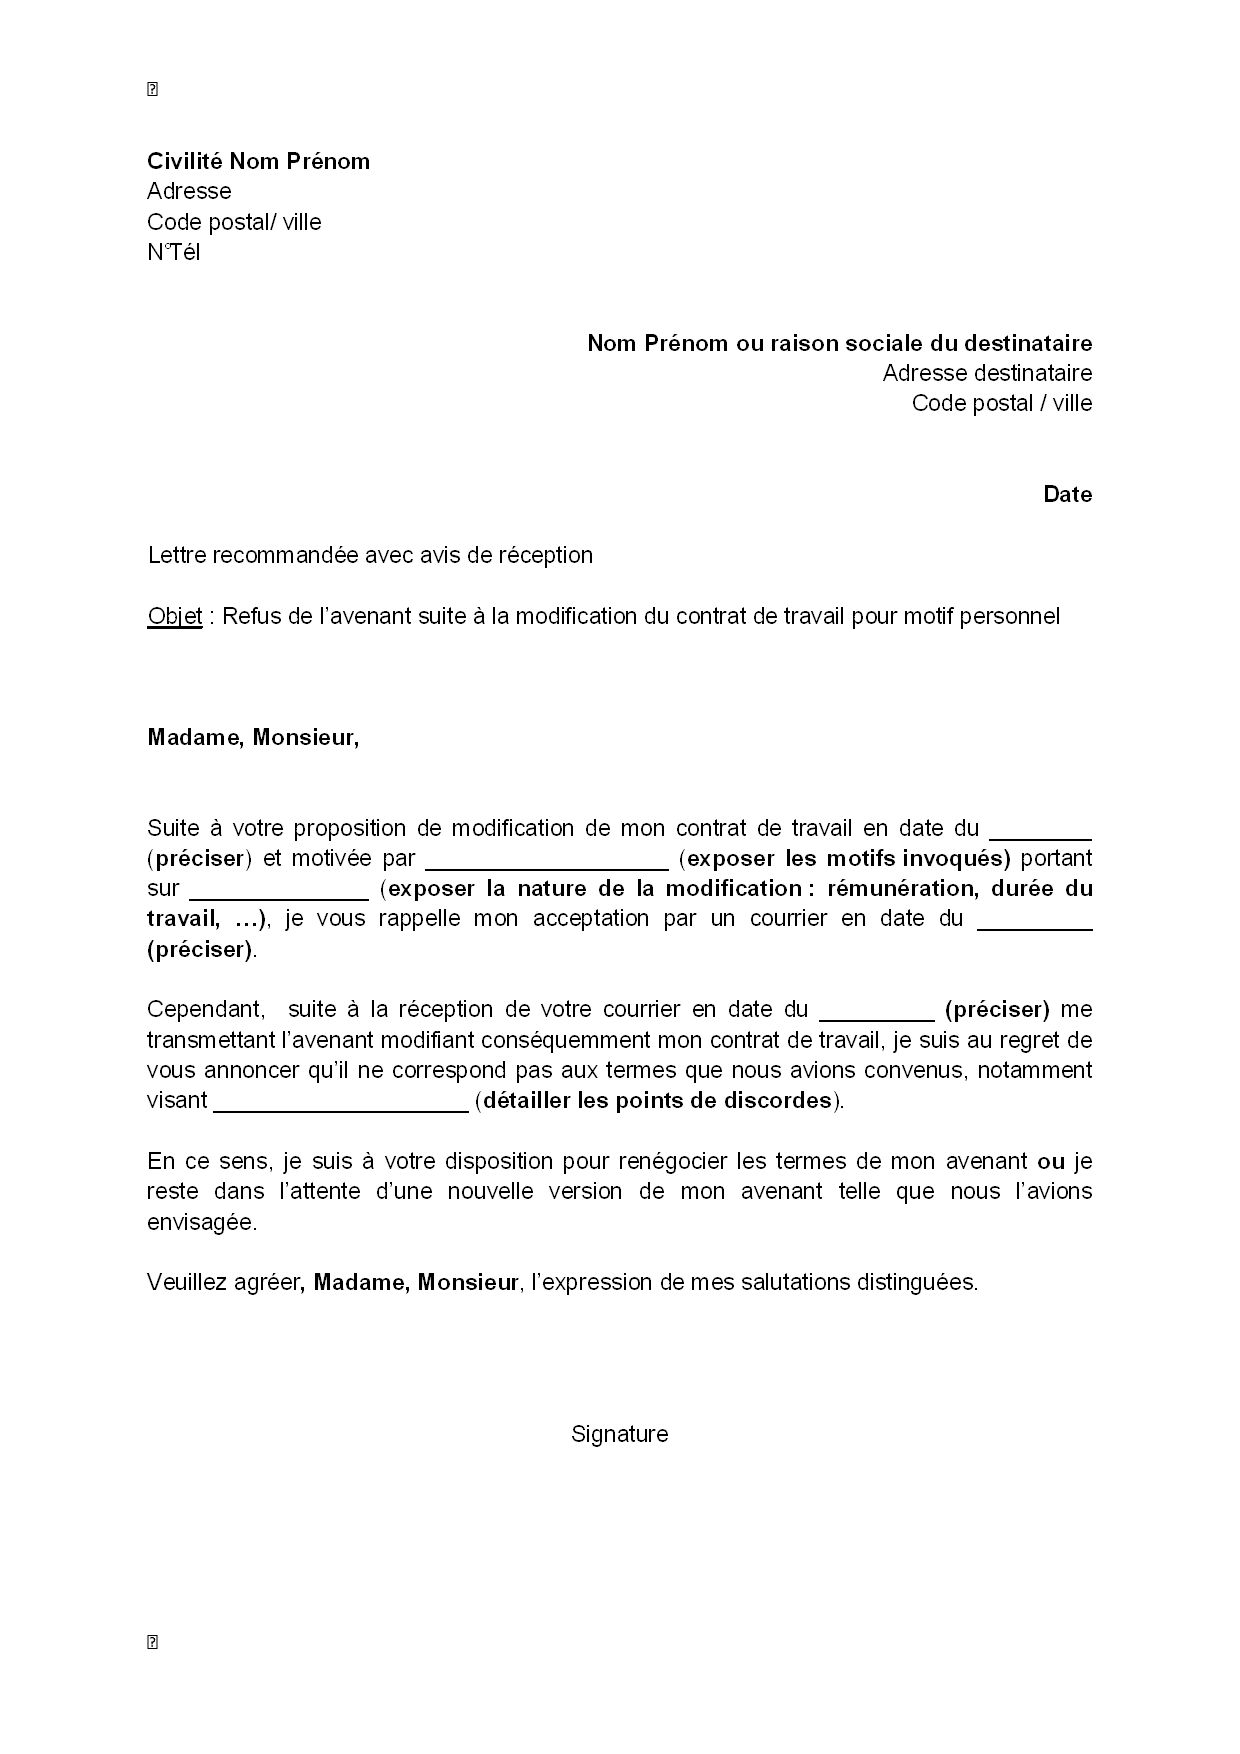 lettre de refus  par le salari u00e9  de l u0026 39 avenant suite  u00e0 la